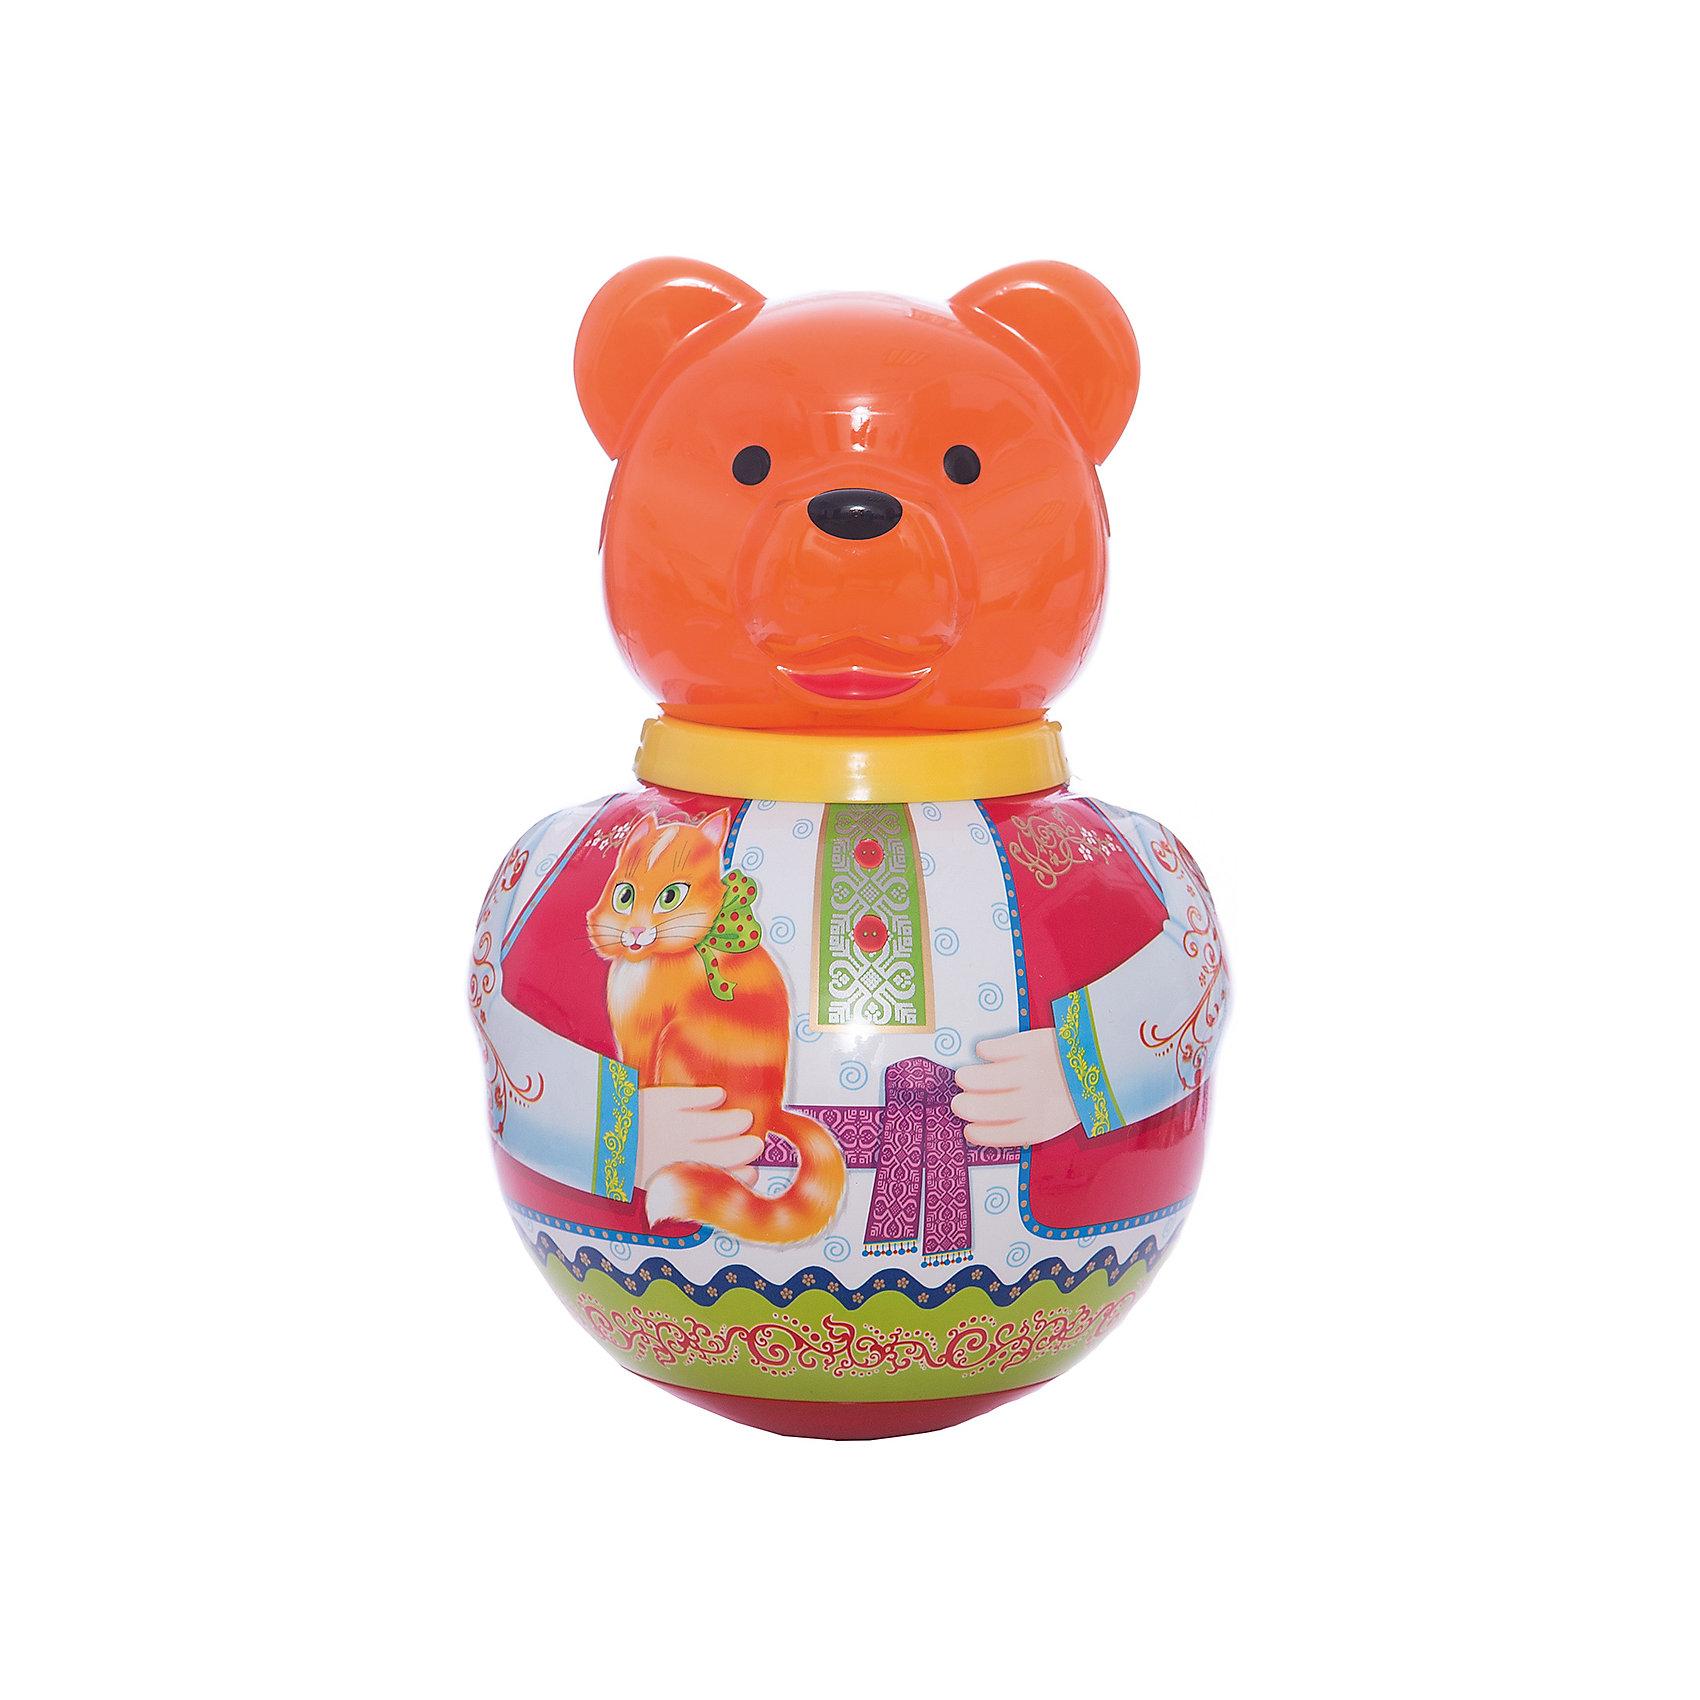 Неваляшка Бурый медведьПотапычНеваляшки<br>Неваляшка Бурый медведь Потапыч<br><br>Характеристики:<br><br>• Материал: пластик<br>• Возраст: от 12 месяцев<br>• Высота игрушки: 28 см<br>• Размеры упаковки: 18,5х18х30<br><br>Классическая игрушка неваляшка неизменно веселит каждого ребенка. Смешной мишка начинает качаться от легкого прикосновения рукой. А если его положить на спинку – он тут же встает. Игрушка сделана из качественного материала, который не вызывает аллергии у детей. Яркие цвета точно привлекут малыша.<br><br>Неваляшку Бурый медведь Потапыч можно купить в нашем интернет-магазине.<br><br>Ширина мм: 185<br>Глубина мм: 180<br>Высота мм: 300<br>Вес г: 500<br>Возраст от месяцев: 36<br>Возраст до месяцев: 2147483647<br>Пол: Унисекс<br>Возраст: Детский<br>SKU: 4915284